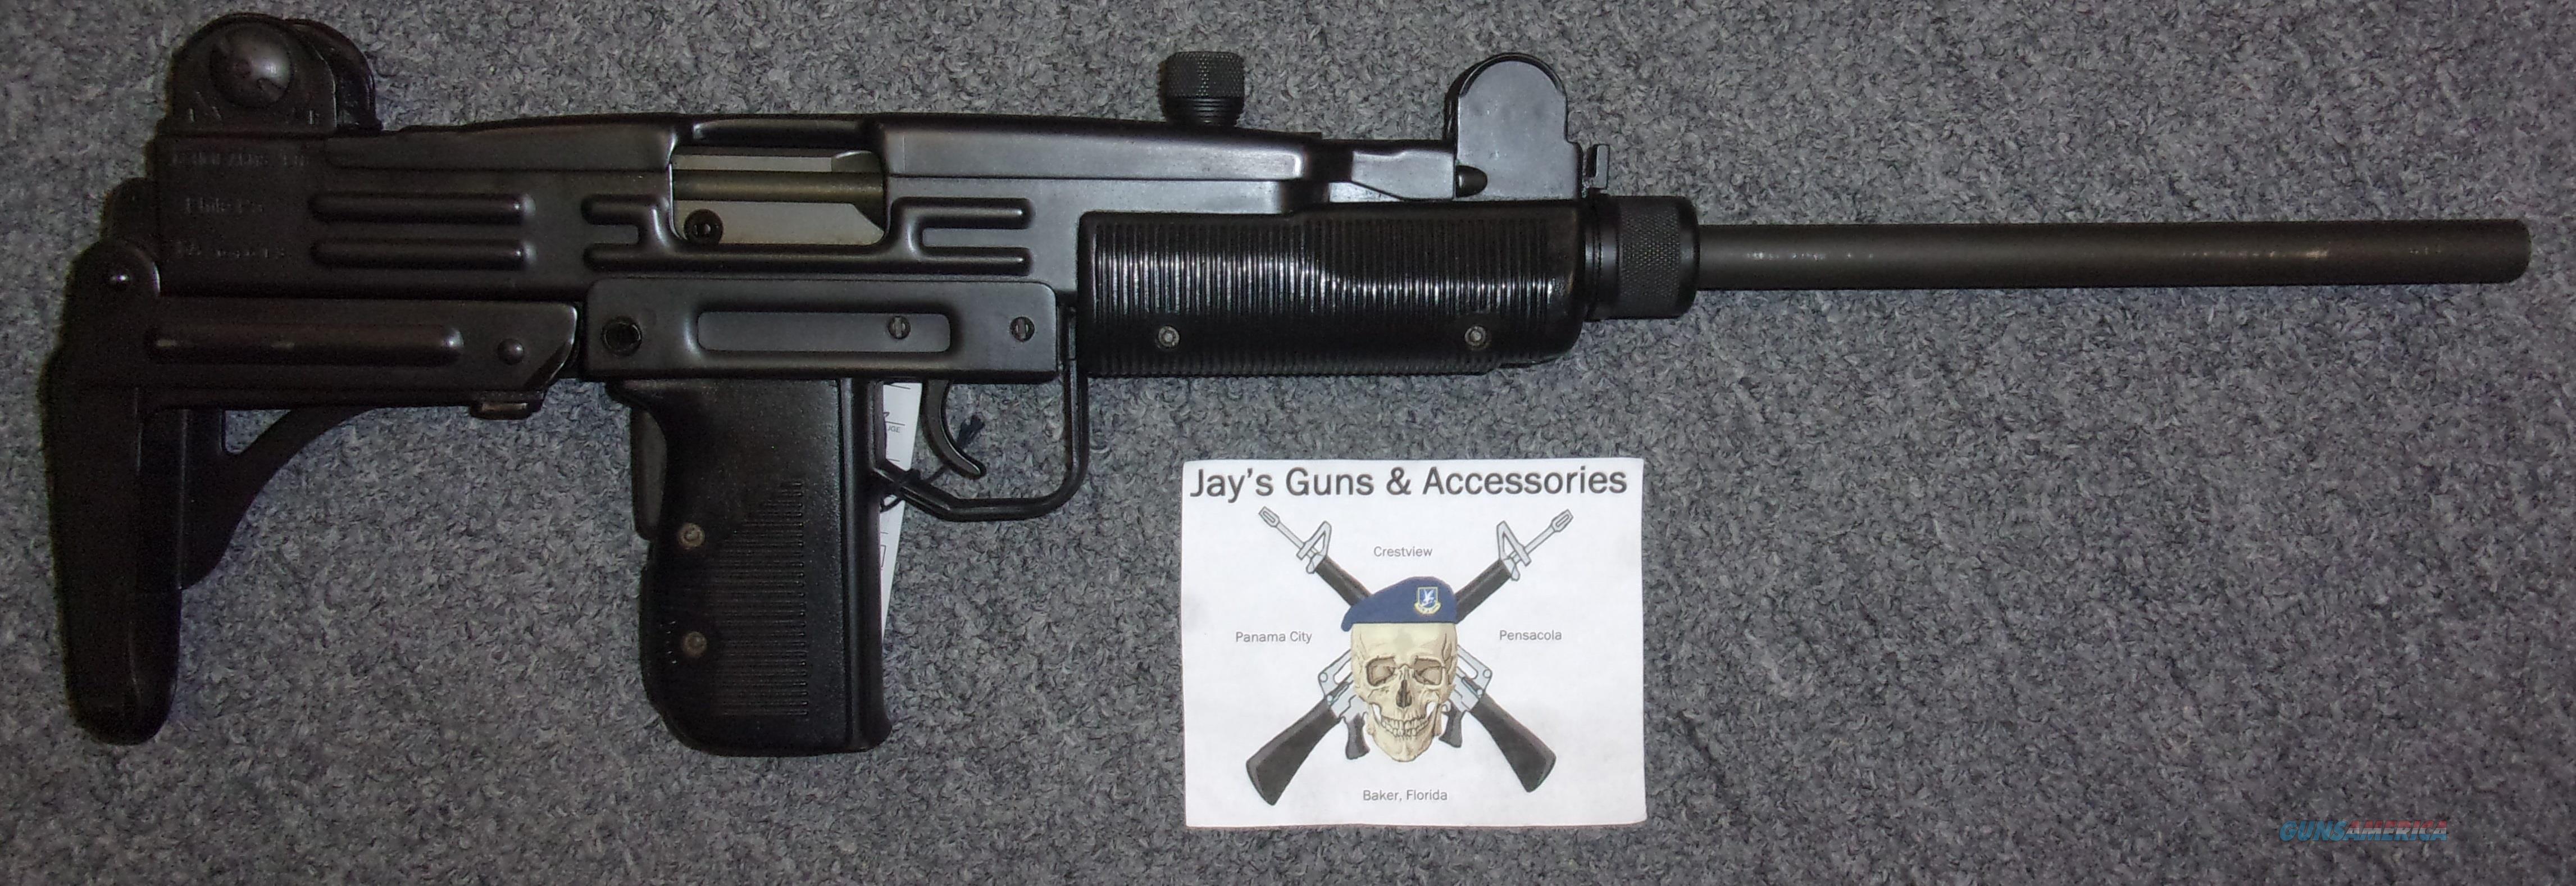 IMI/Action Arms LTD Uzi B Model (Pre-Ban)  Guns > Rifles > IMI Rifles